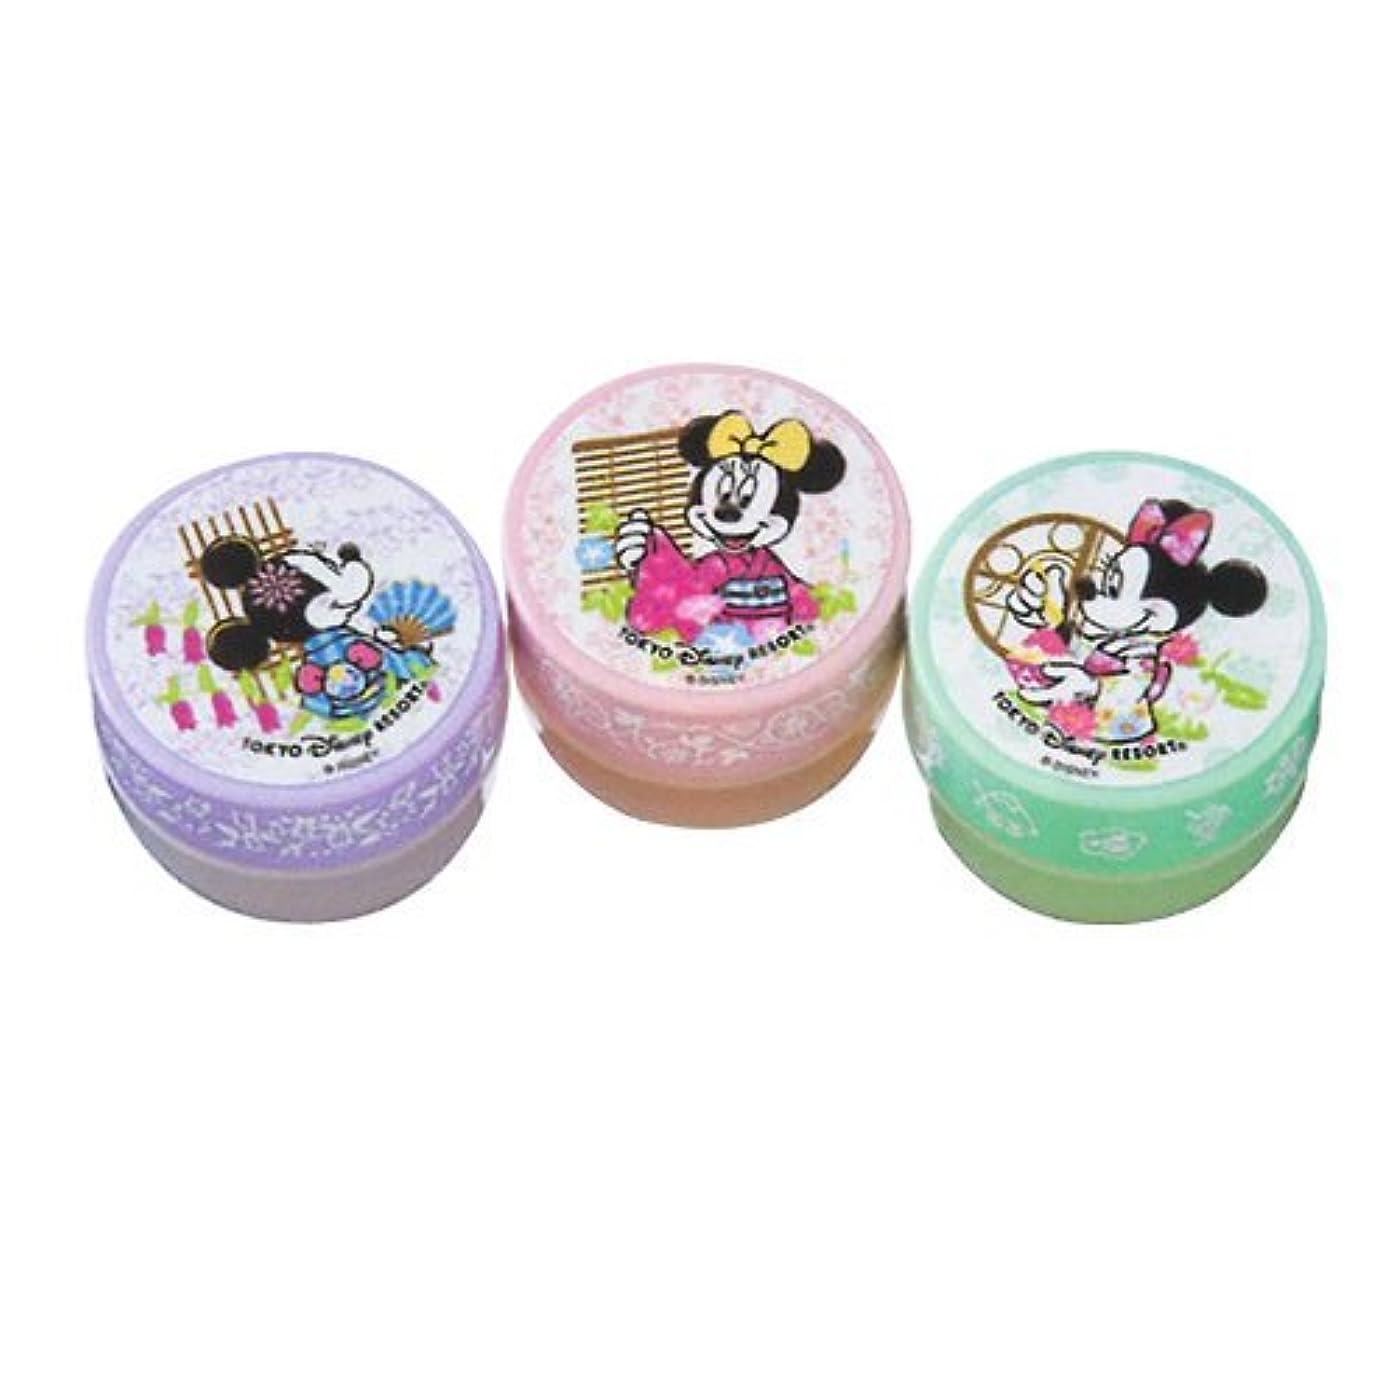 パトロール具体的に挽くミニーマウス ハンドクリームセット 浴衣柄 【東京ディズニーリゾート限定】